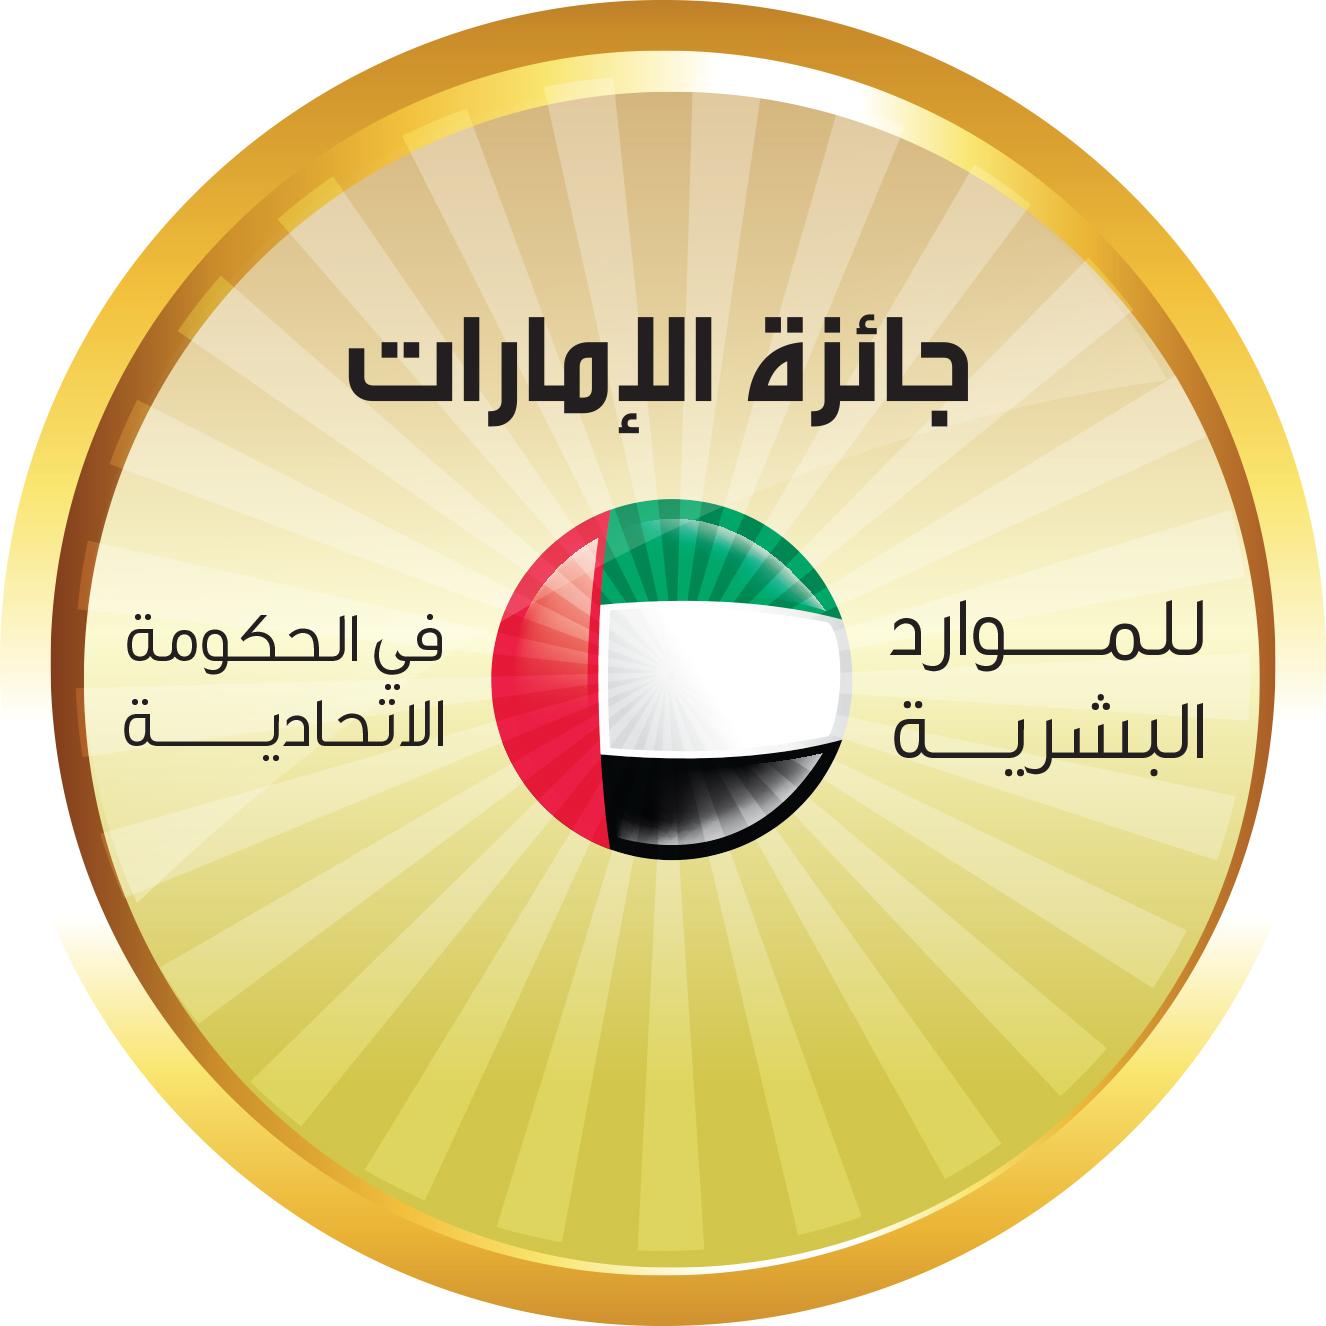 جائزة الإمارات للموارد البشرية في الحكومة الاتحادية